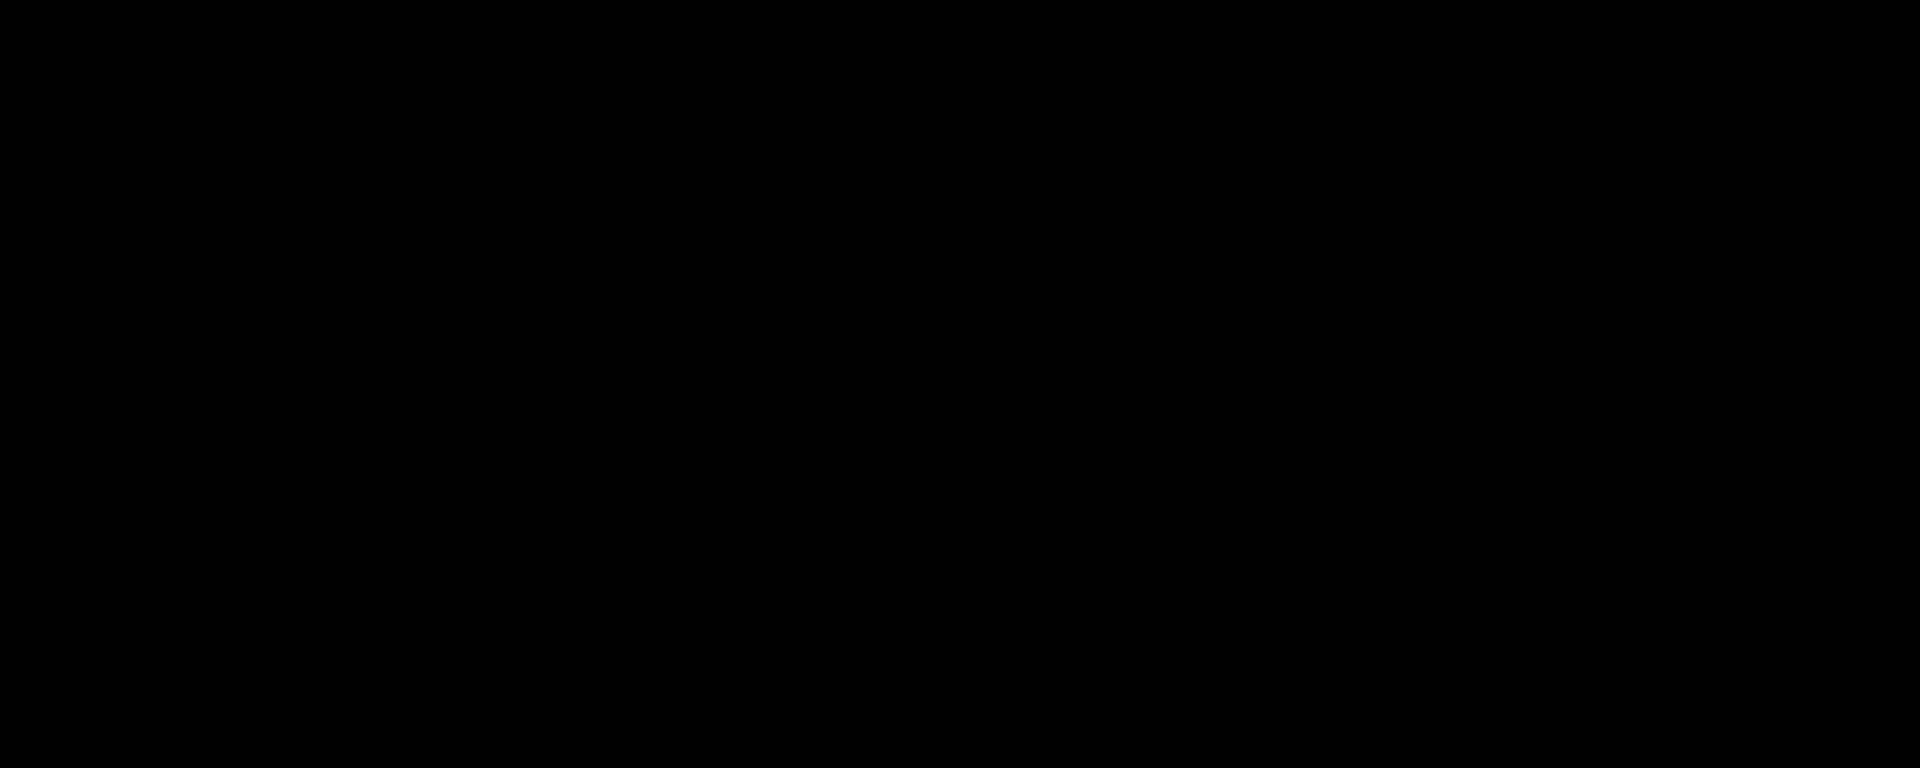 Materia oscura fotografata da A.Trovato - Sputnik Italia, 1920, 19.06.2019